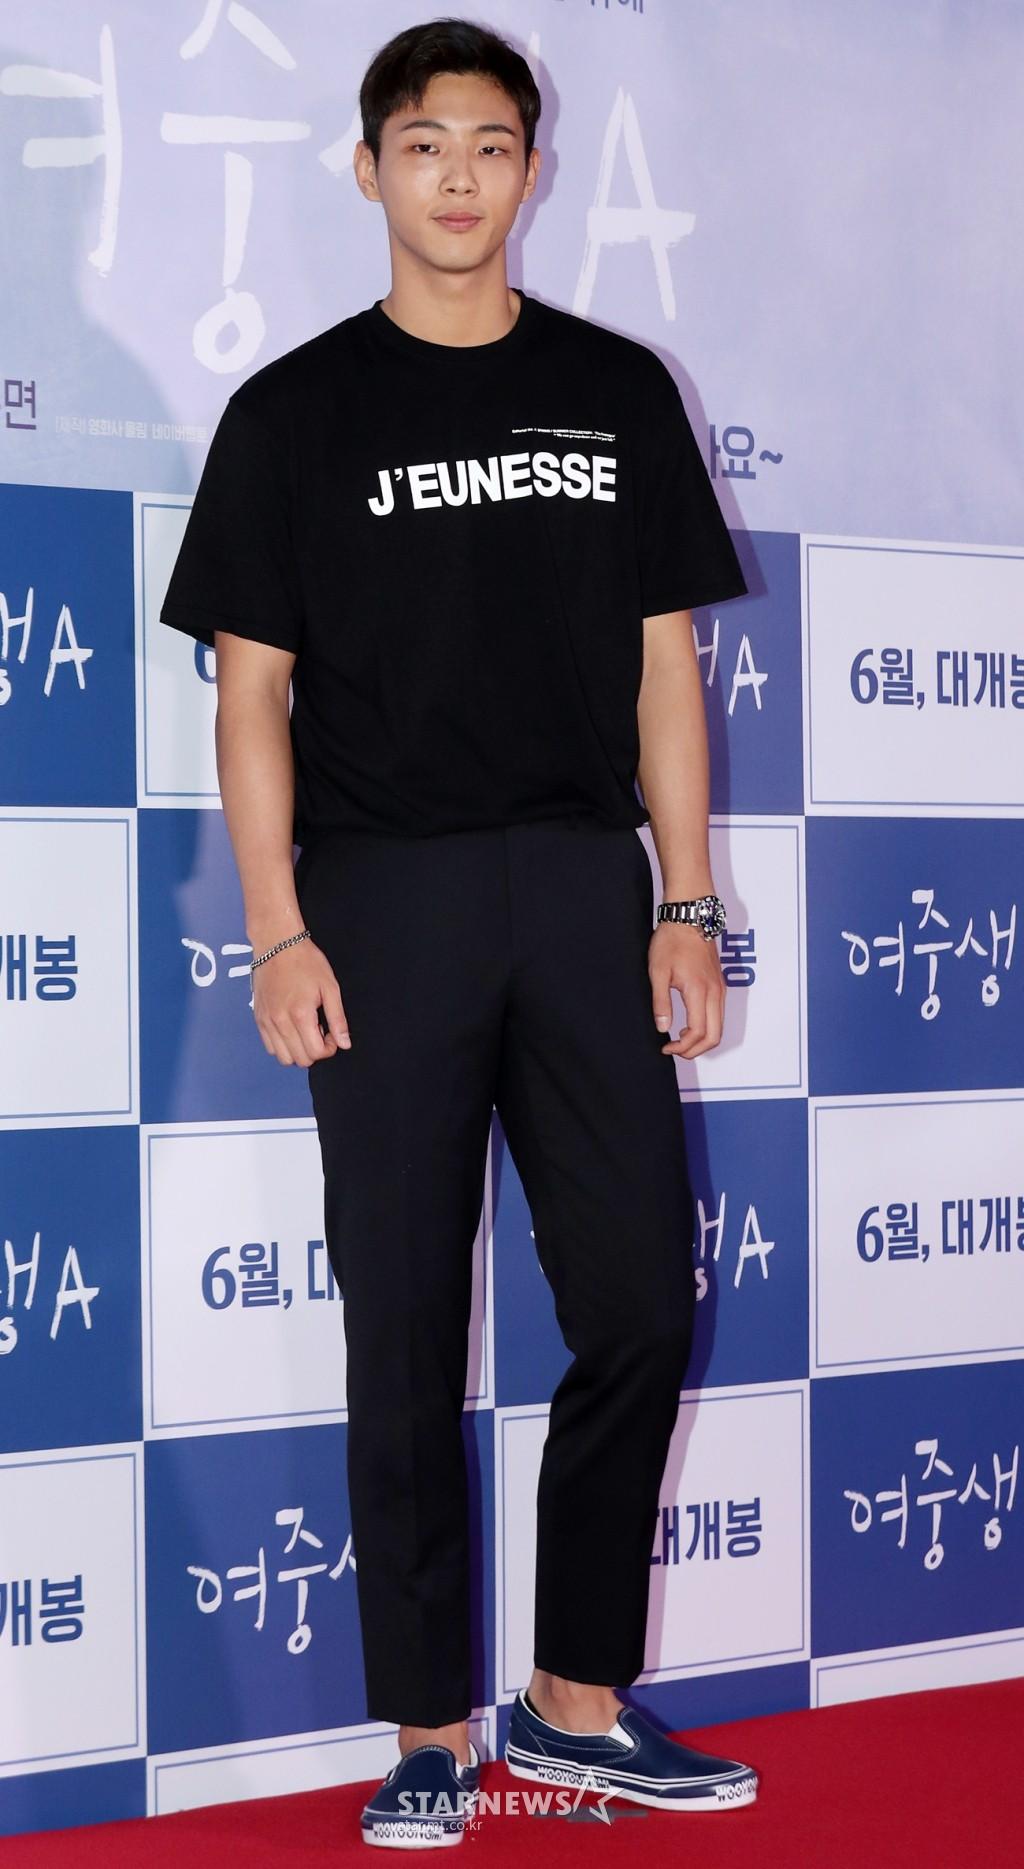 """Sự kiện gây sốt nhờ dàn sao nhí """"lột xác"""": Mỹ nam Vườn sao băng đọ với EXO, spotlight lại thuộc về mỹ nhân nóng bỏng - Ảnh 18."""